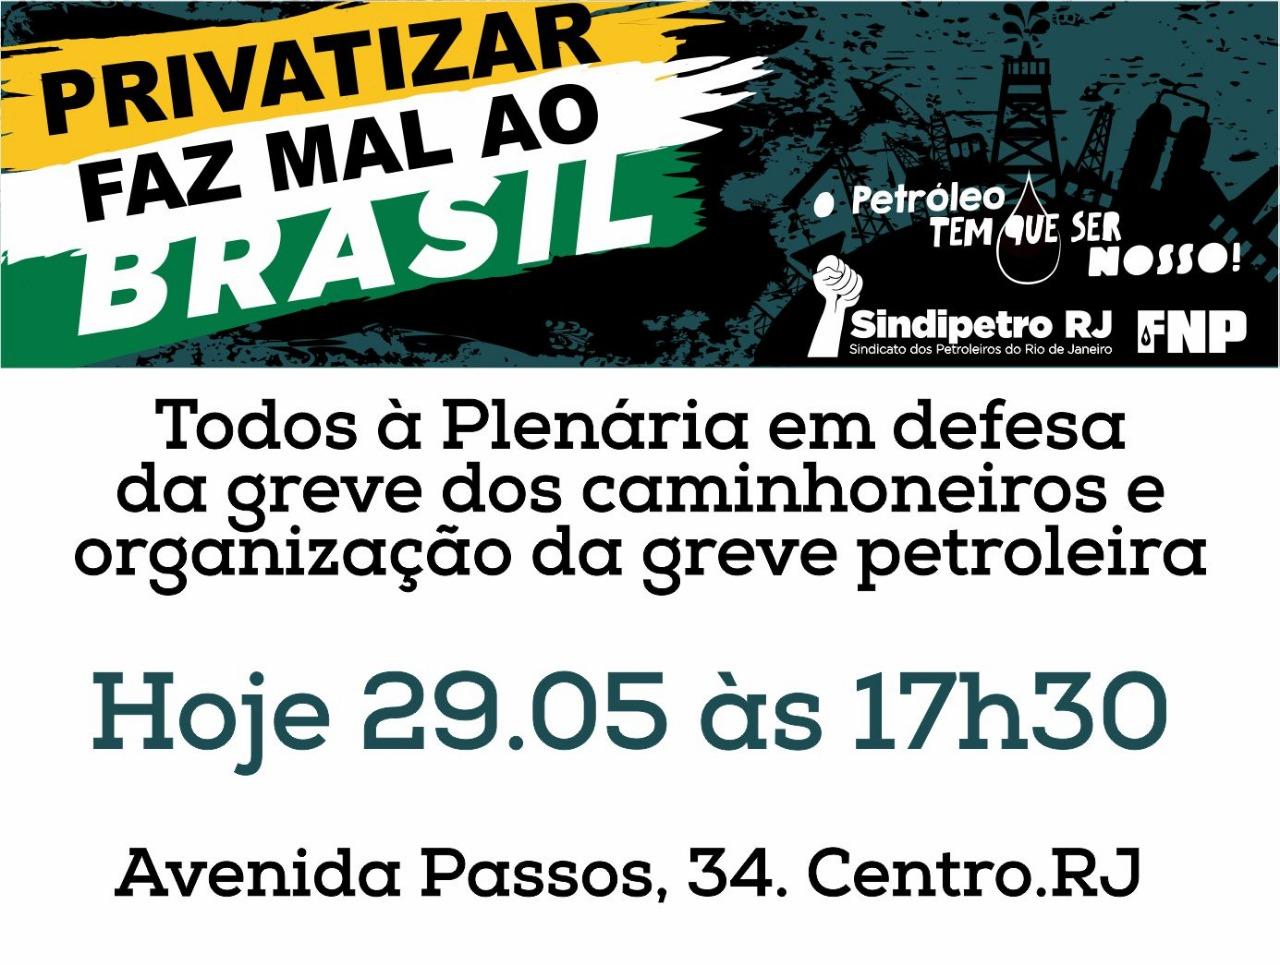 Plenária em Defesa da Greve dos Caminhoneiros e organização da Greve Petroleira Cartaz plenaria